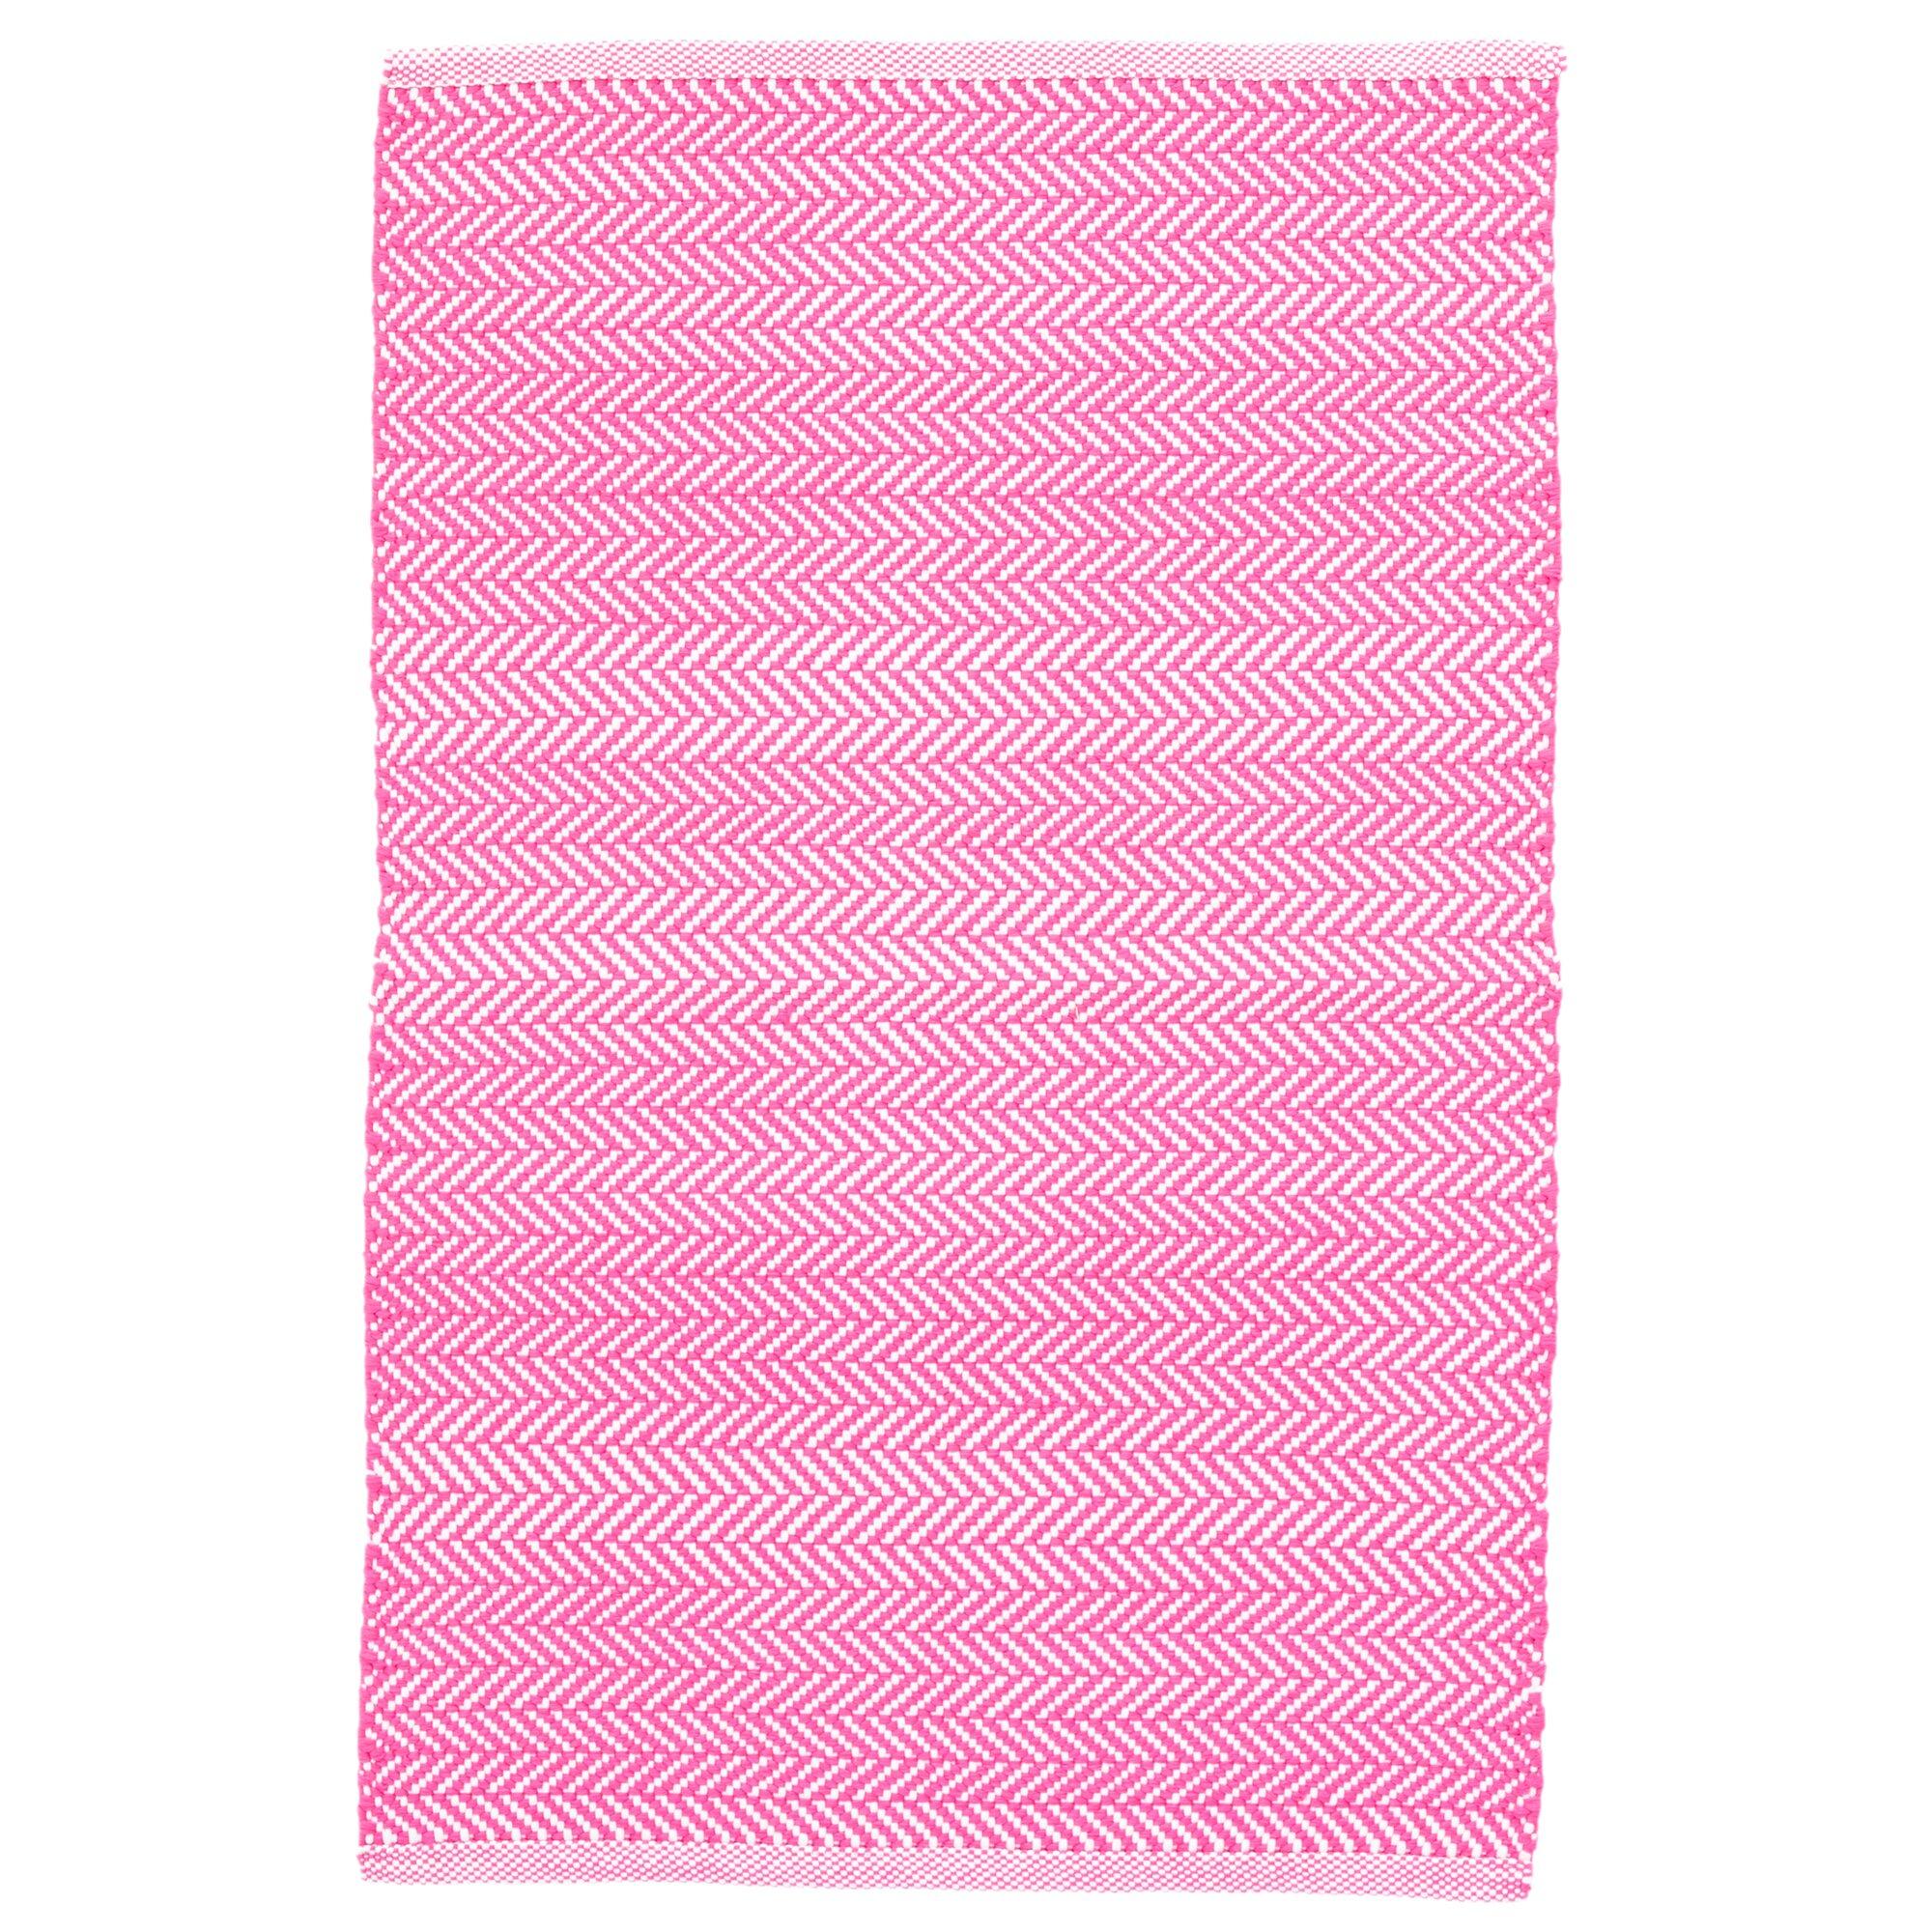 Dash And Albert Rugs C3 Herringbone Pink Indoor/Outdoor